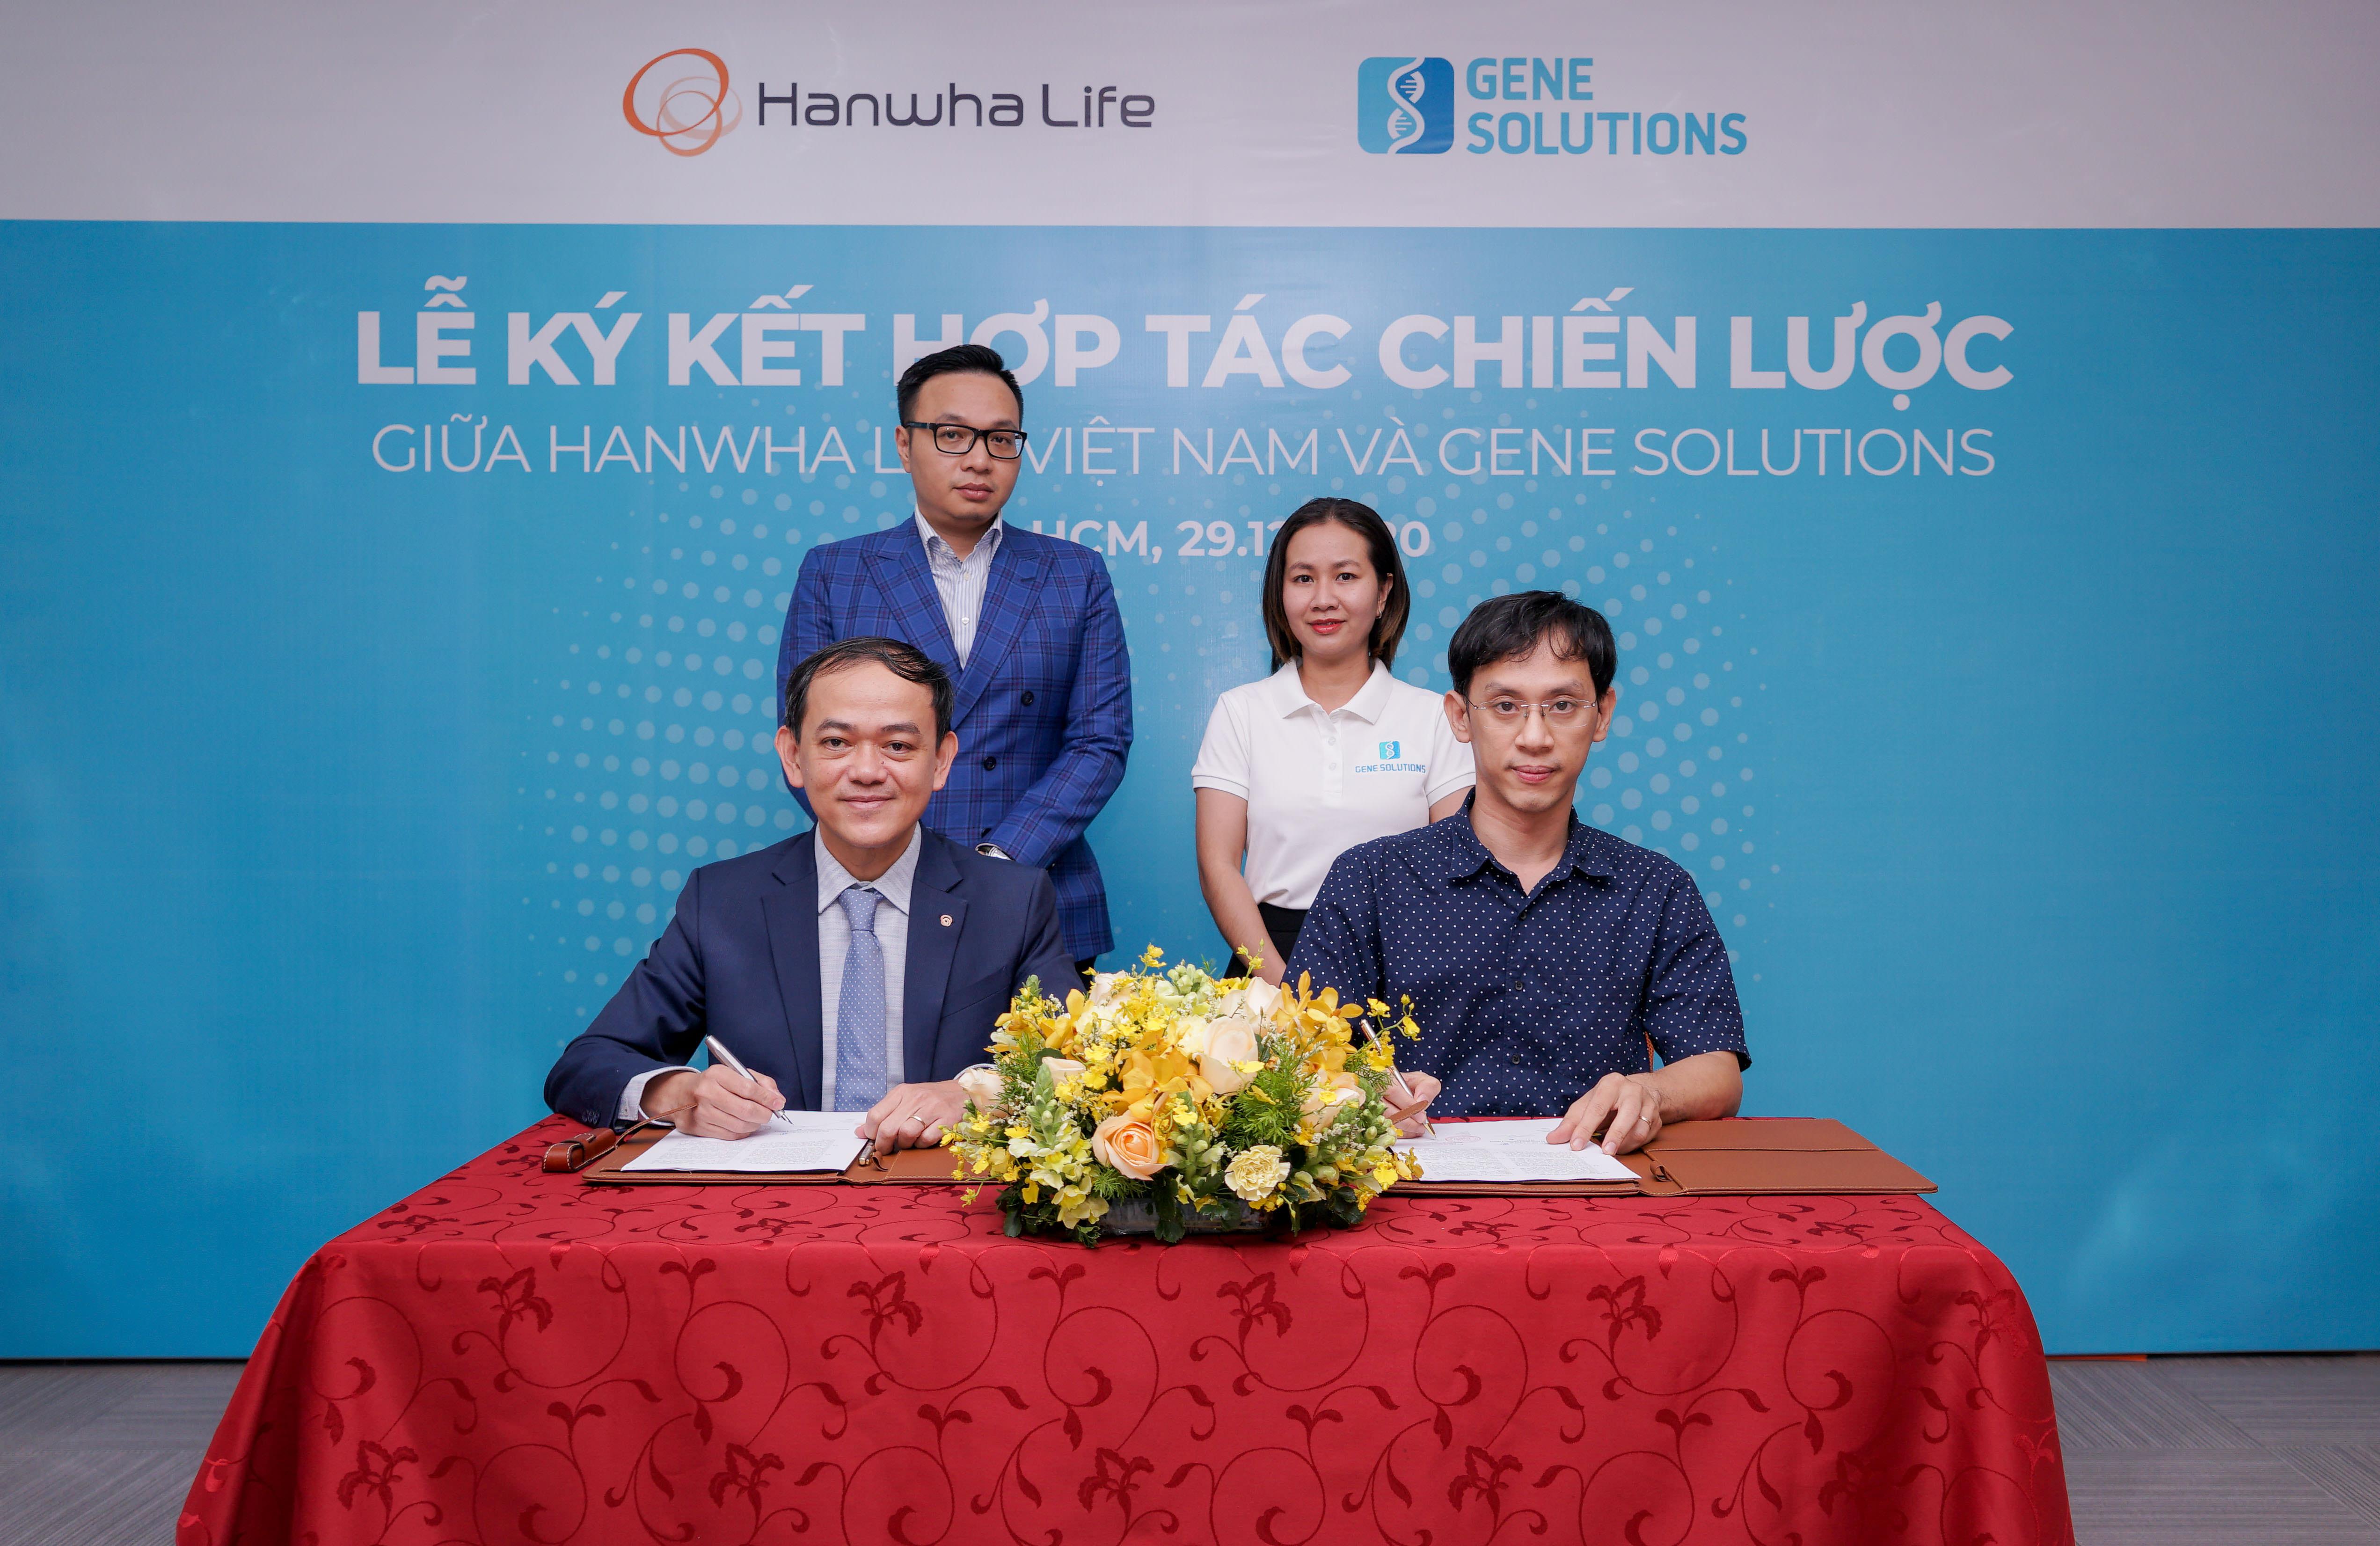 Hanwha Life Việt Nam ký kết hợp tác chiến lược với Gene Solutions.